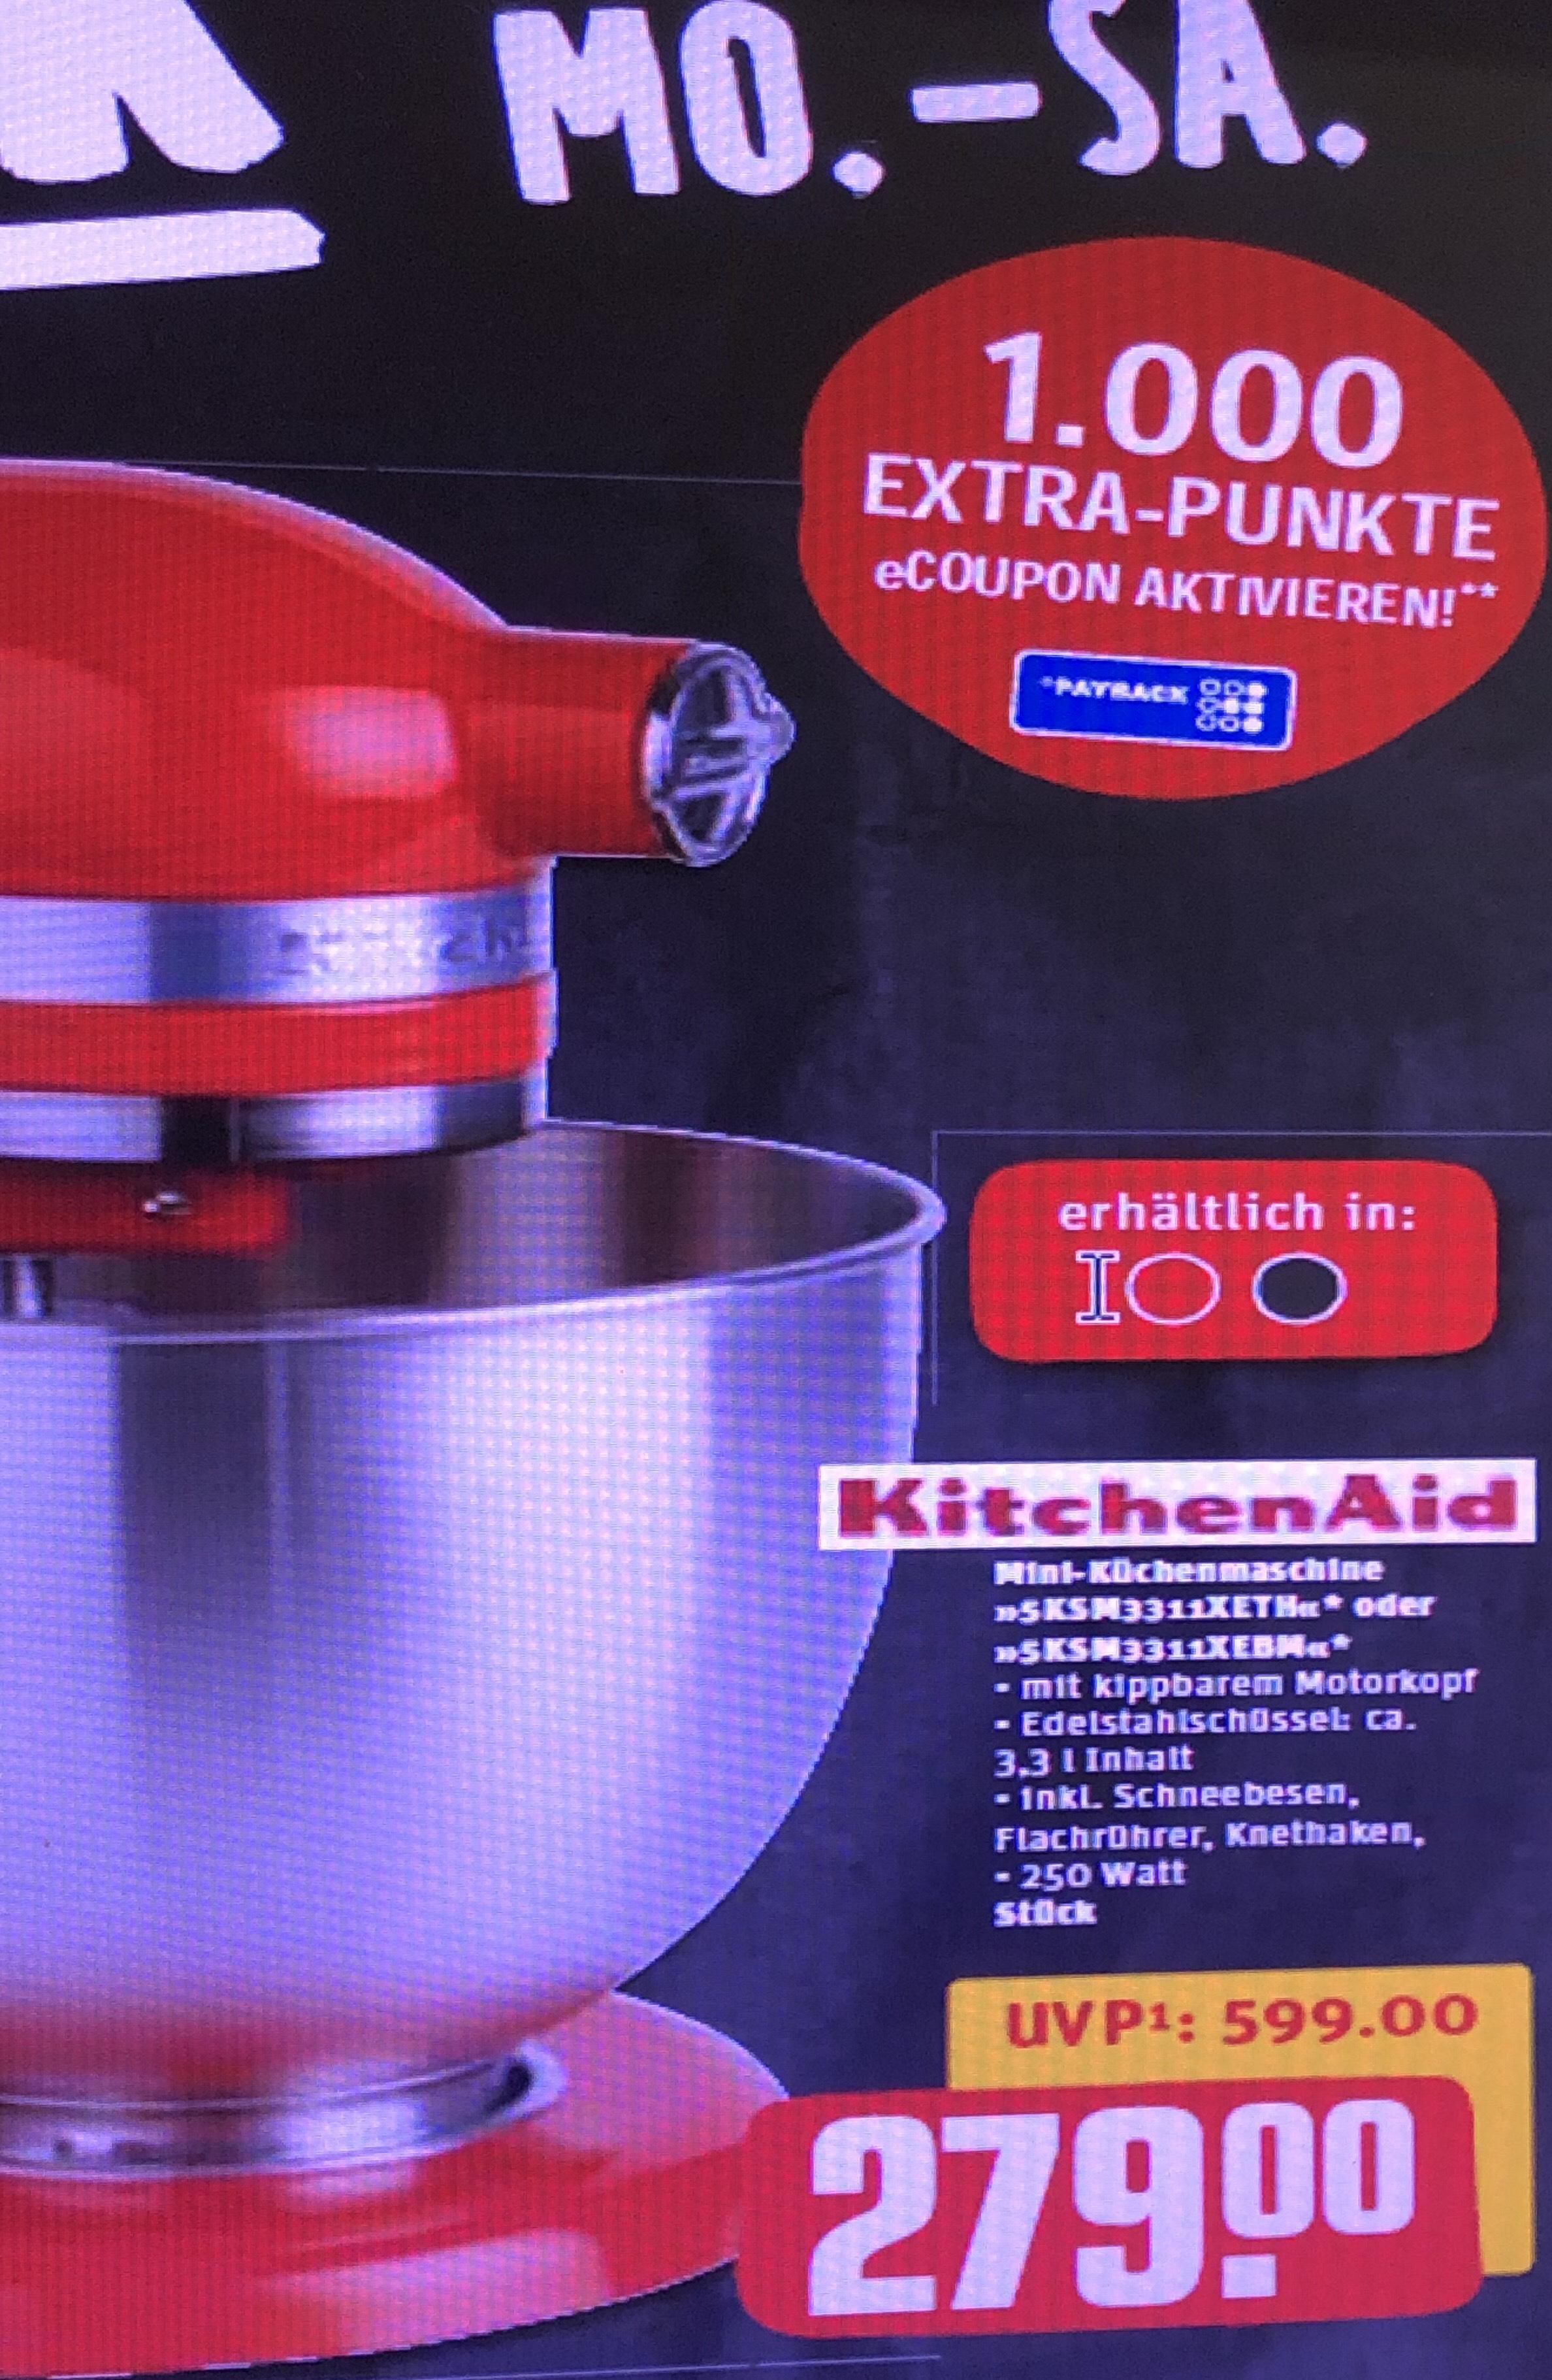 [REWE] Black Week ab 19.11. KitchenAid Mini-Küchenmaschine + 1000 Payback Punkte